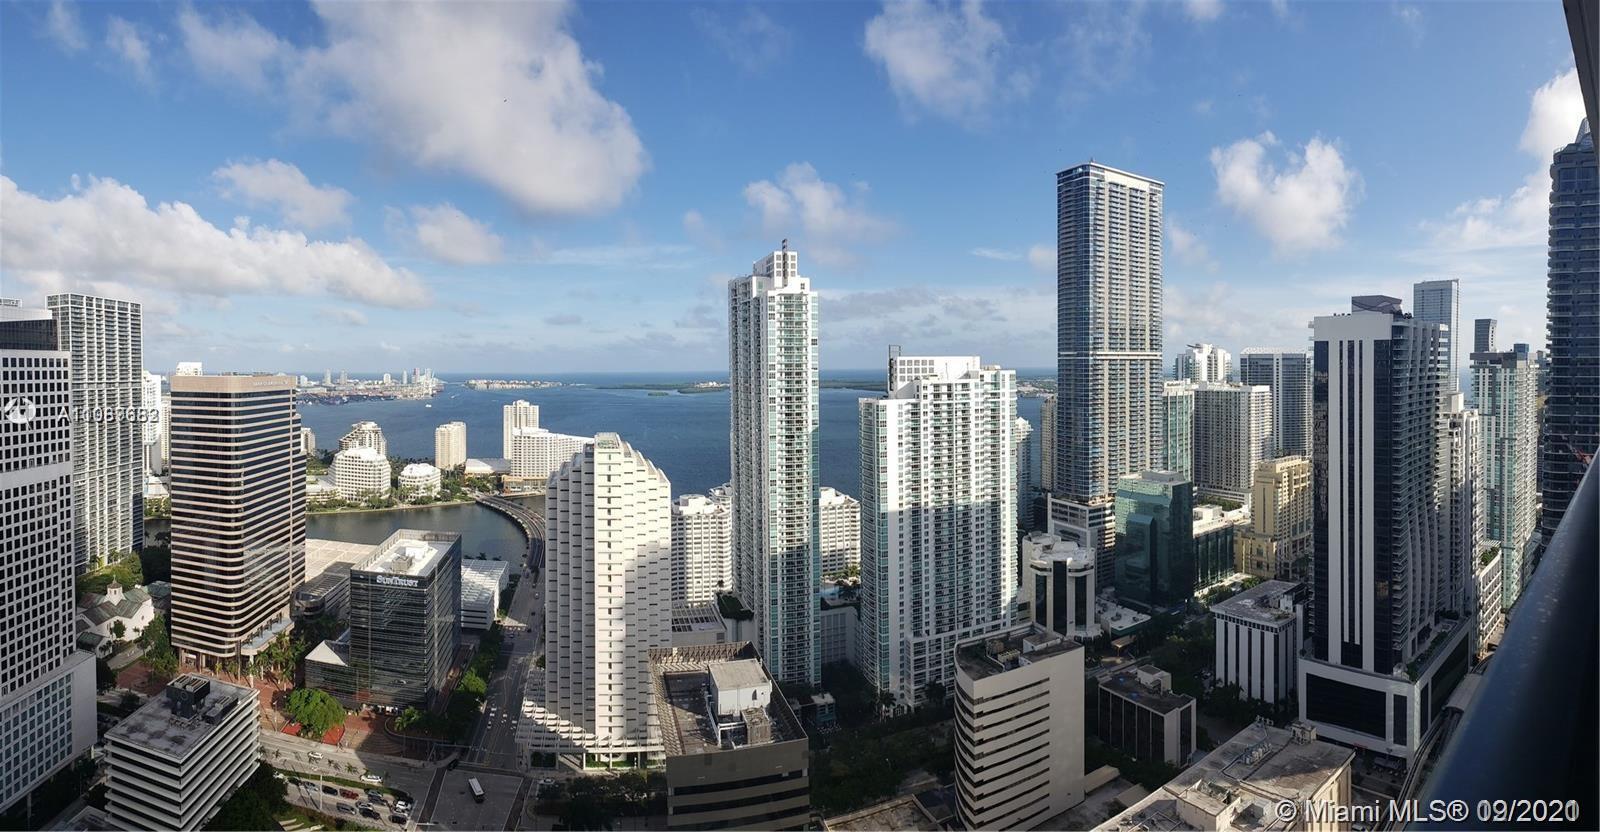 Photo of 801 S Miami Ave   4405, Miami, FL 33130